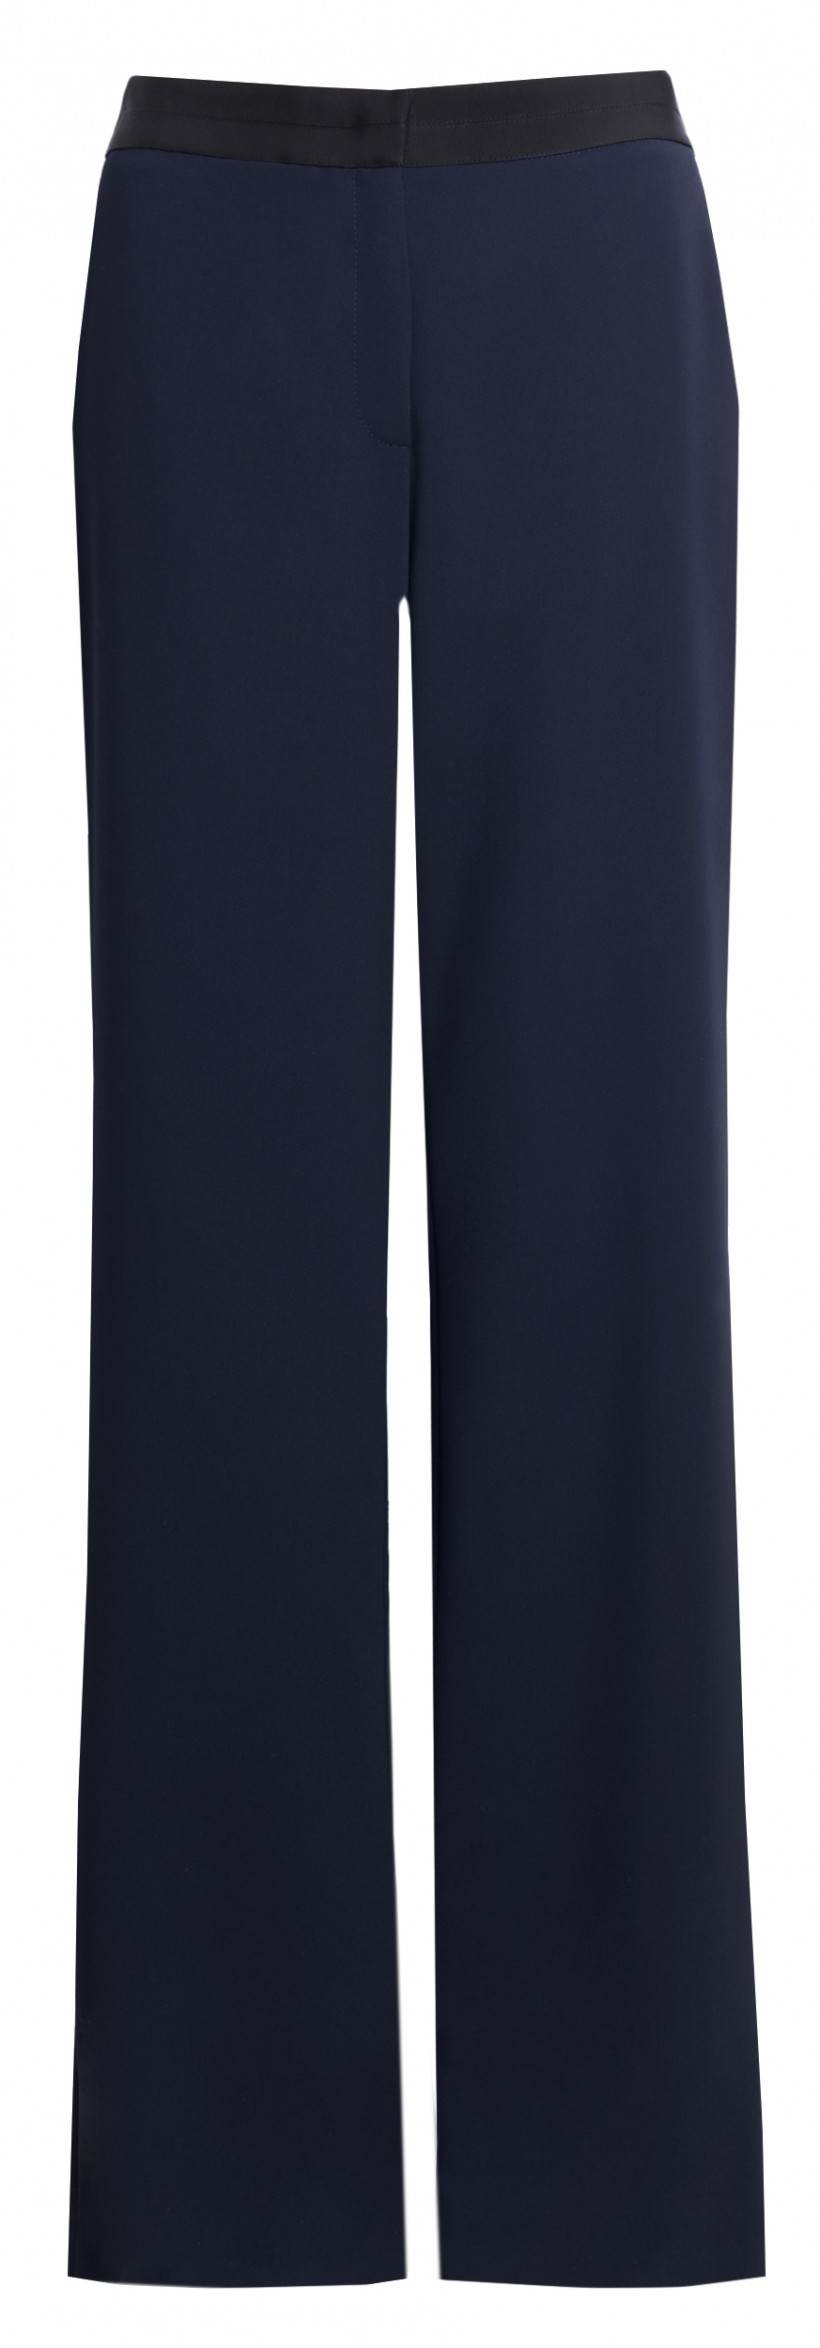 Spodnie z szerszymi nogawkami